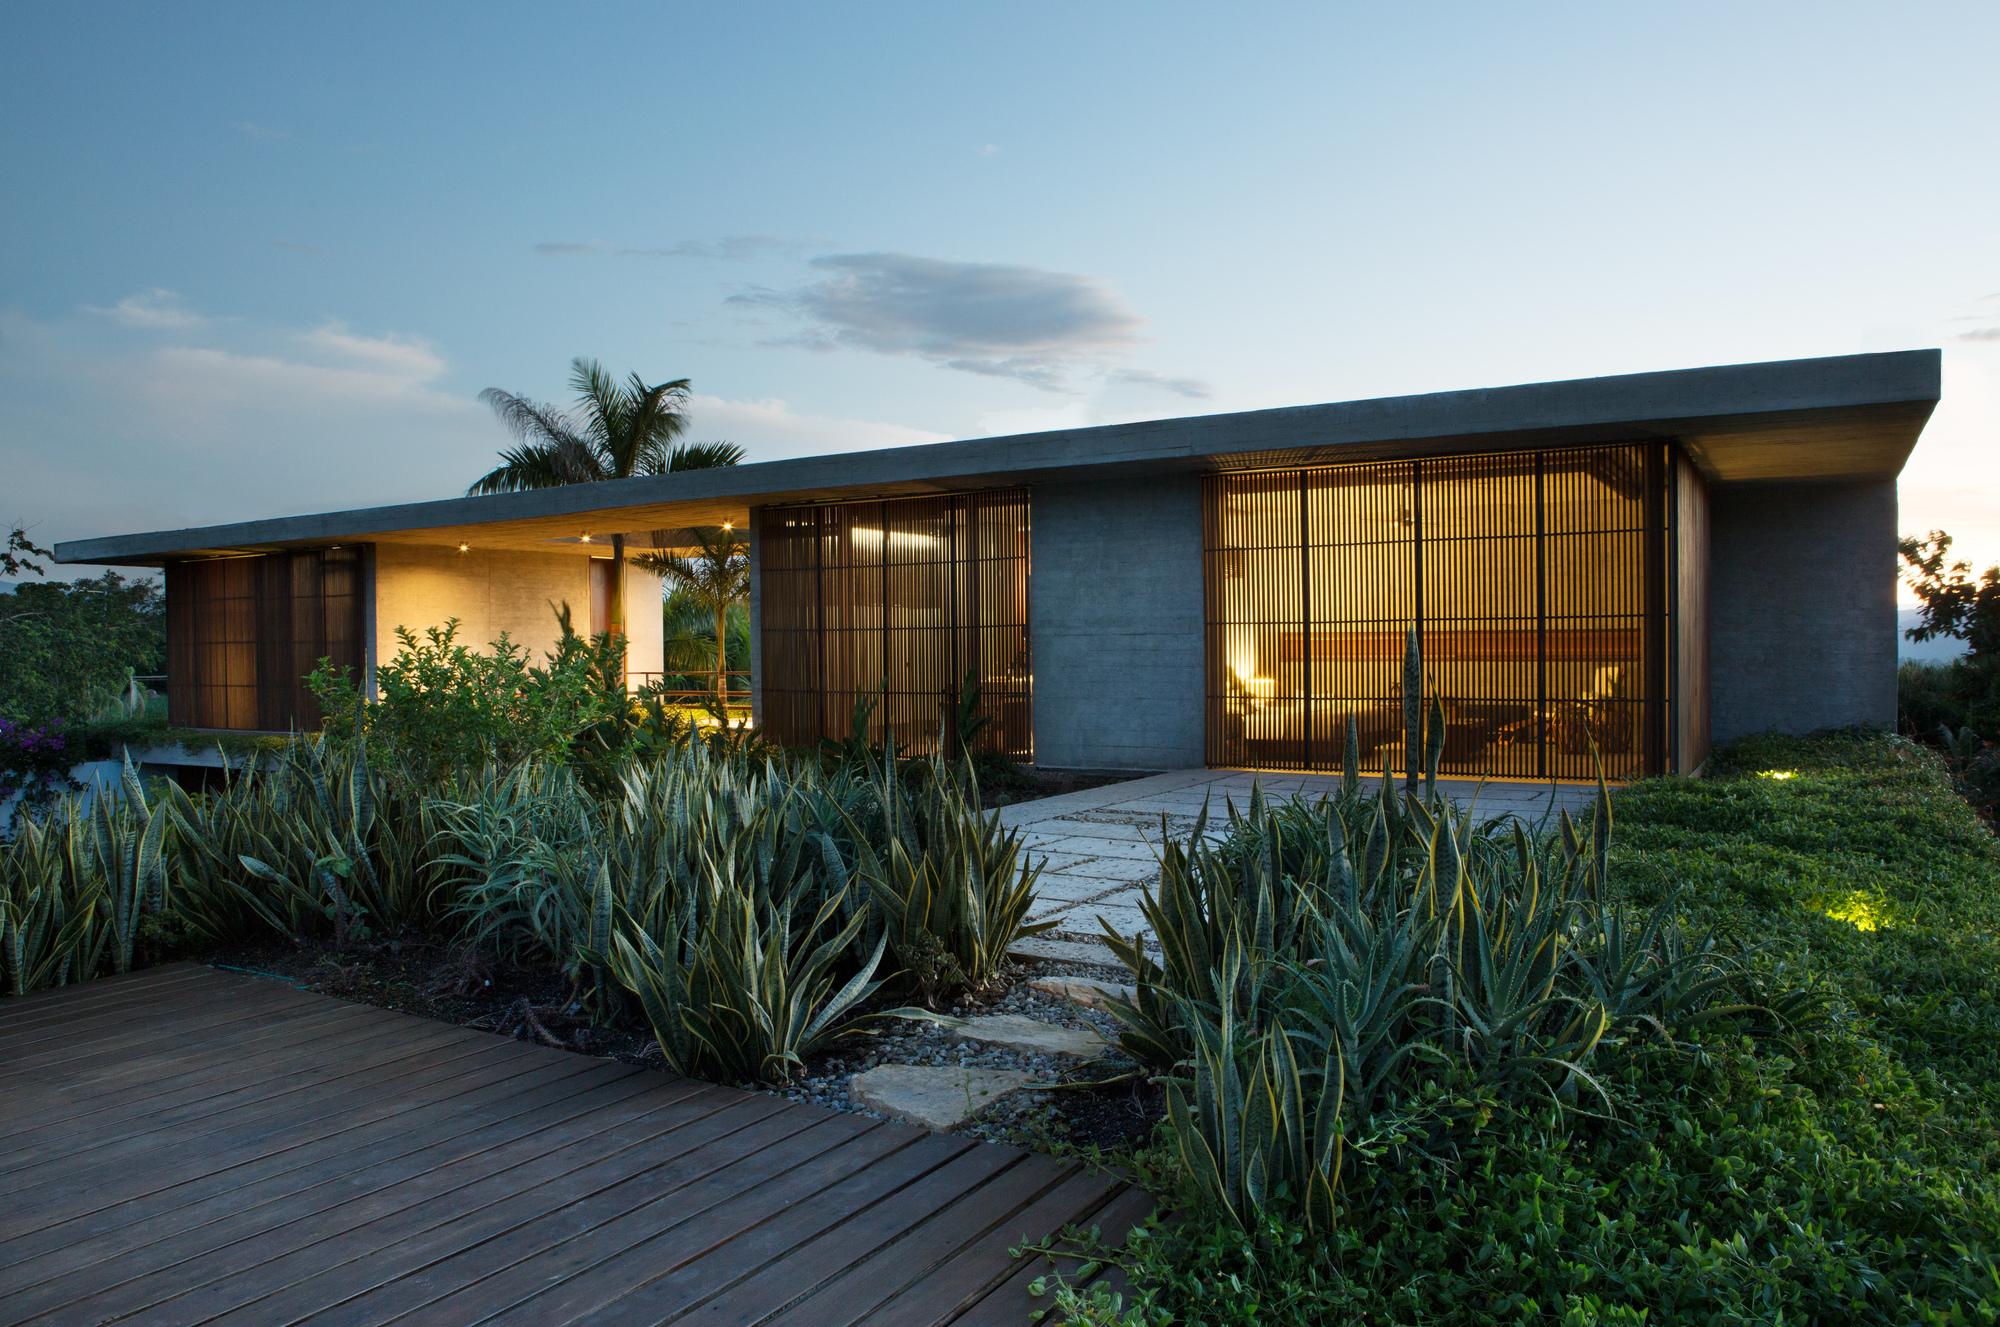 Galeria de casas nilo alberto burckhard carolina for Casa moderna 99 arena